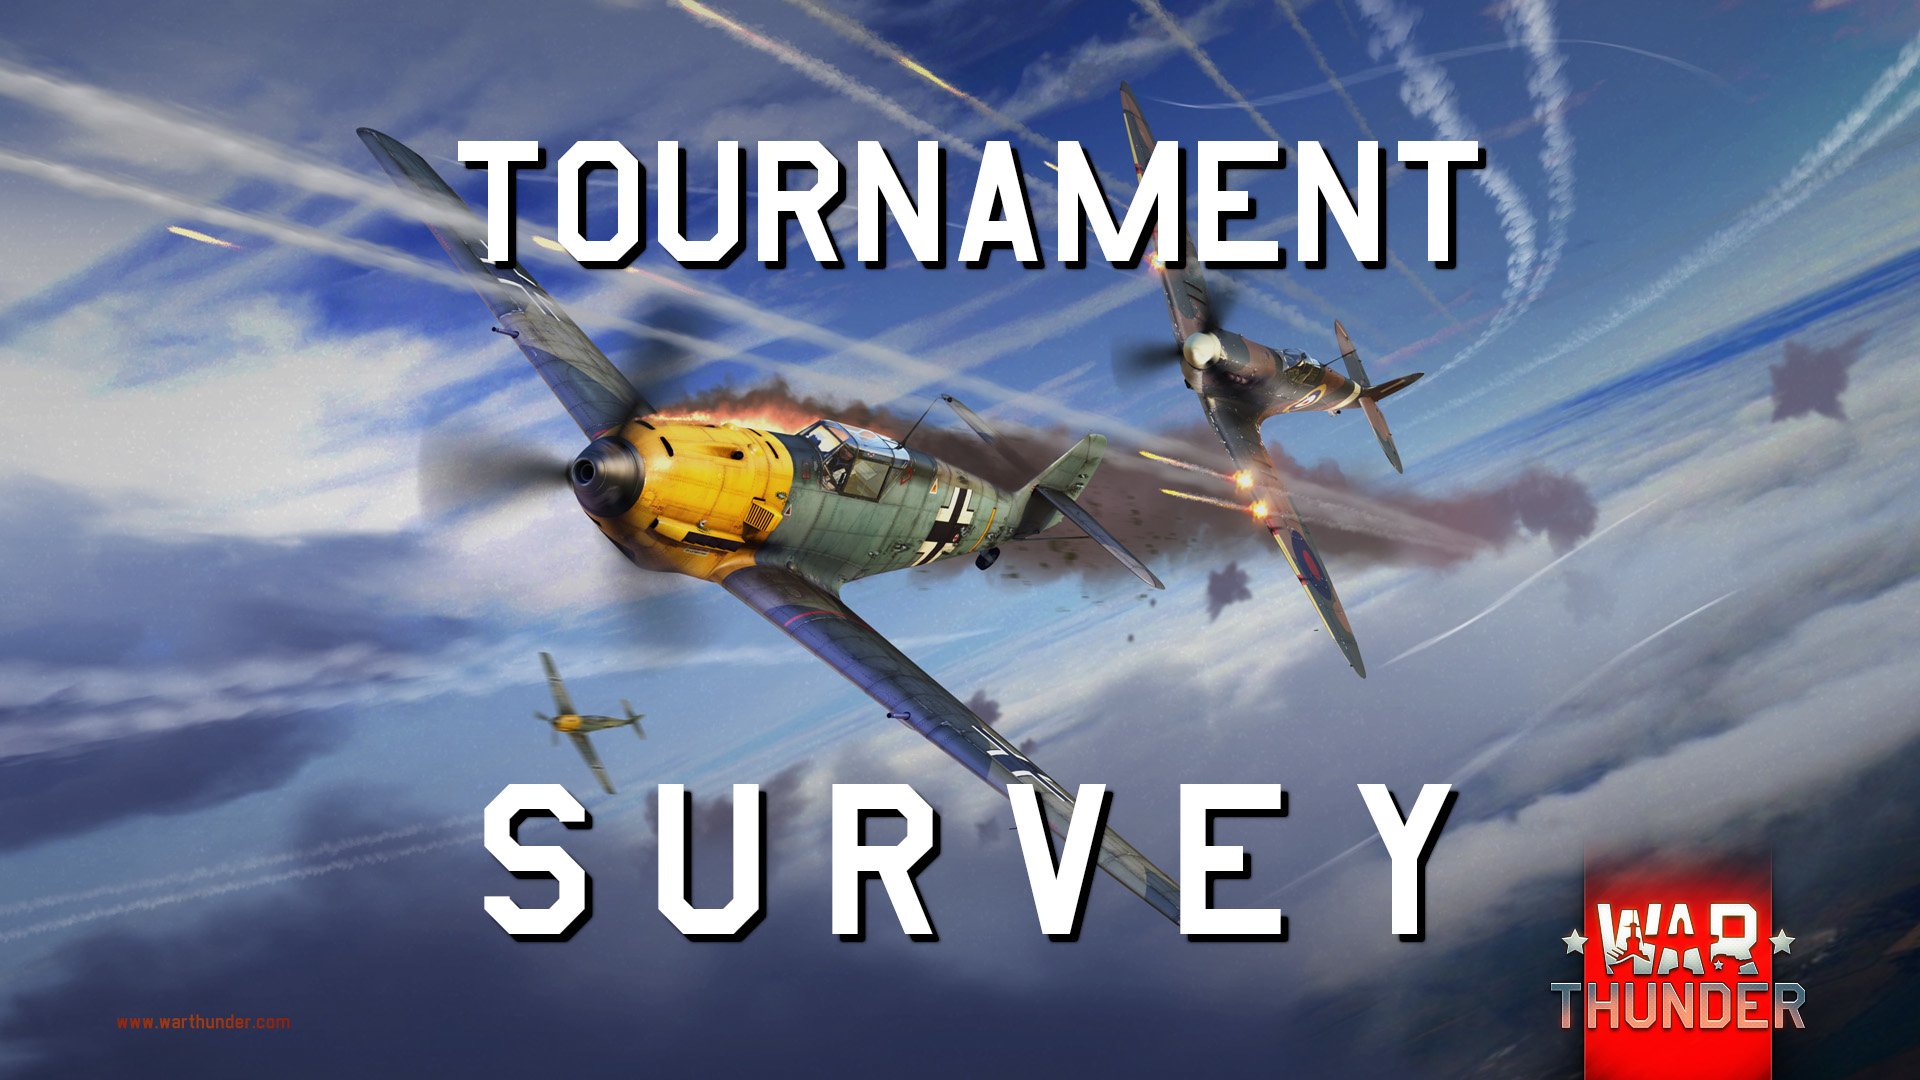 Tournament%20Survey_1979f0cfca2ace6c2efc